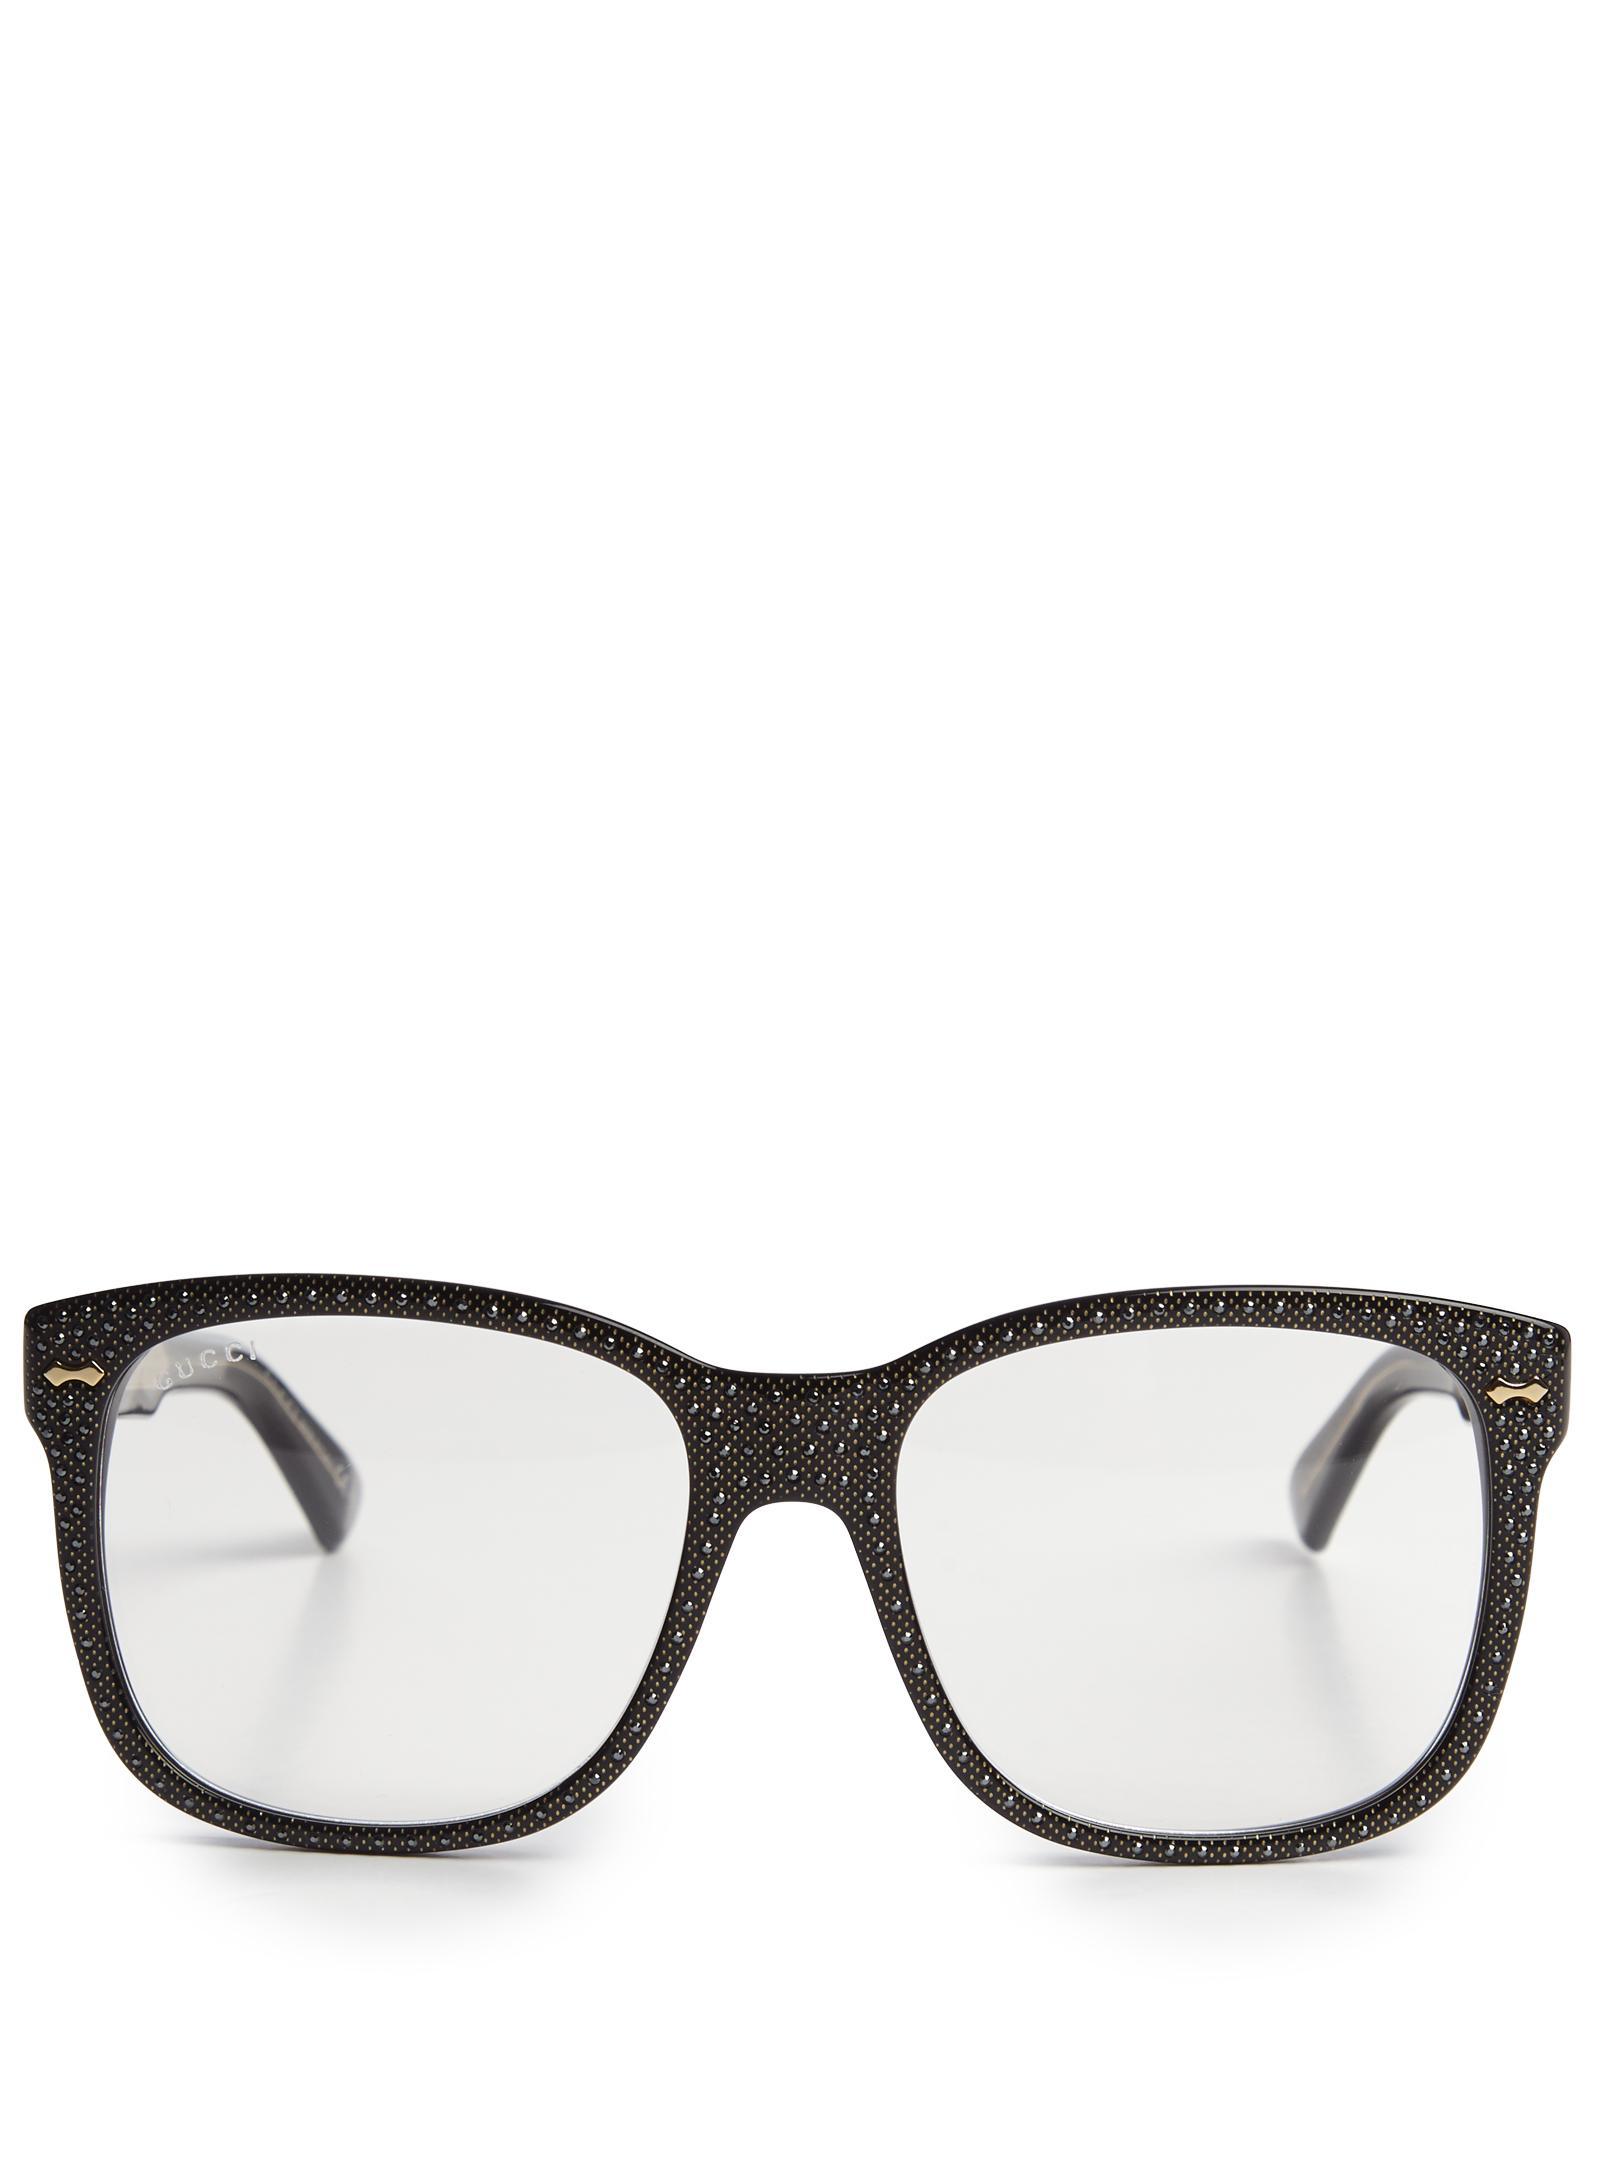 Gucci Embellished D-frame Glasses in Black Lyst